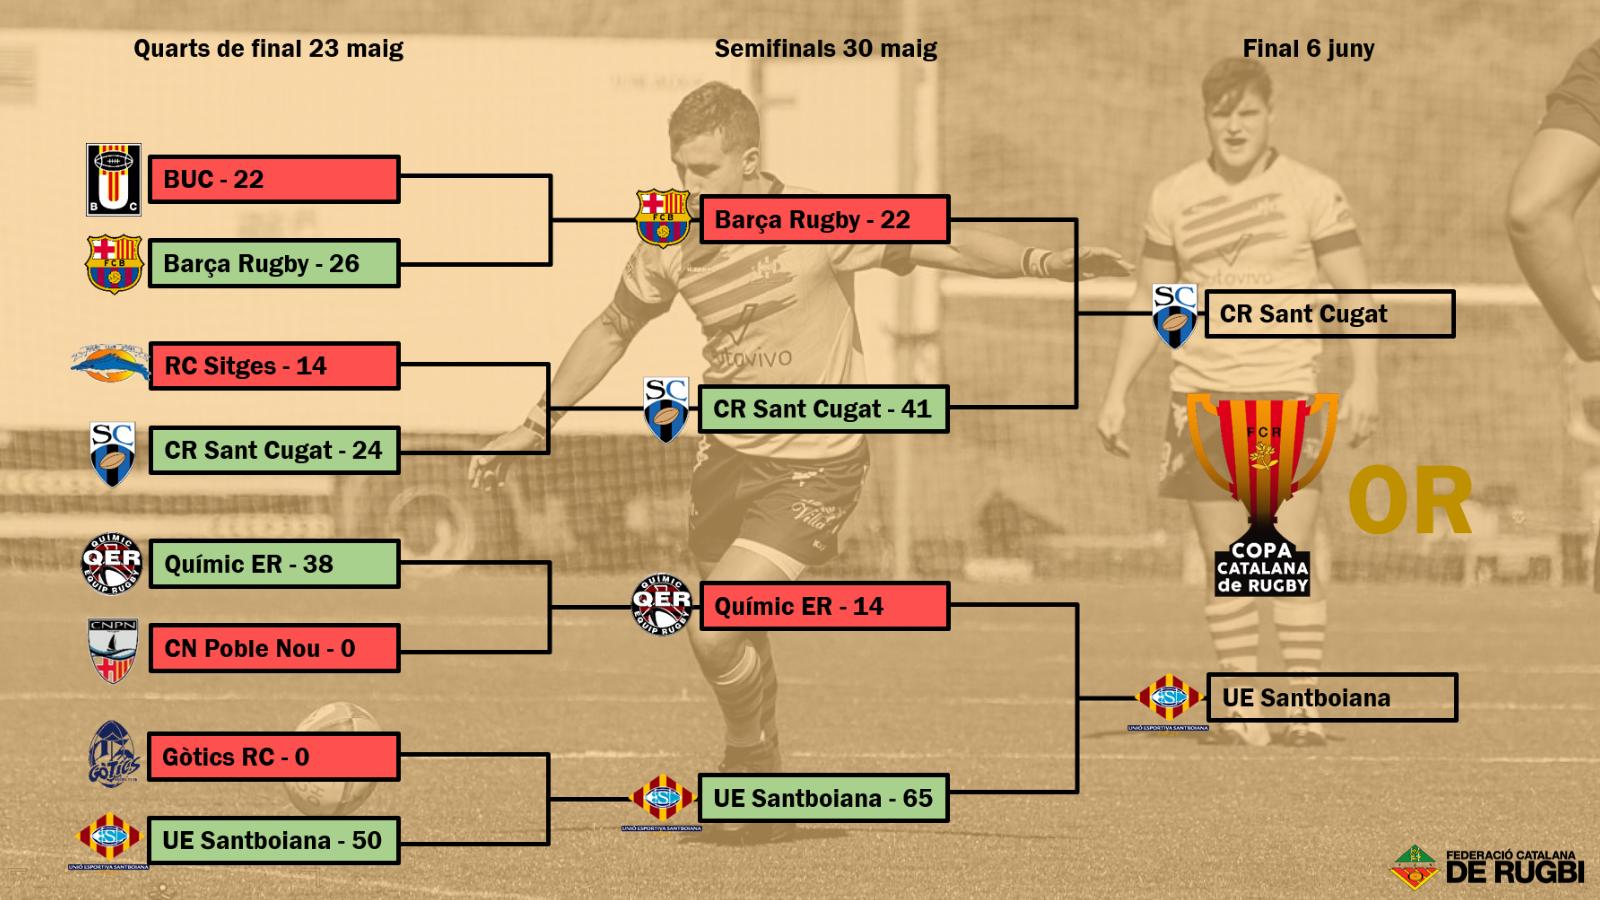 L'equip guanyador es classificarà per al Campionat d'Espanya (1)